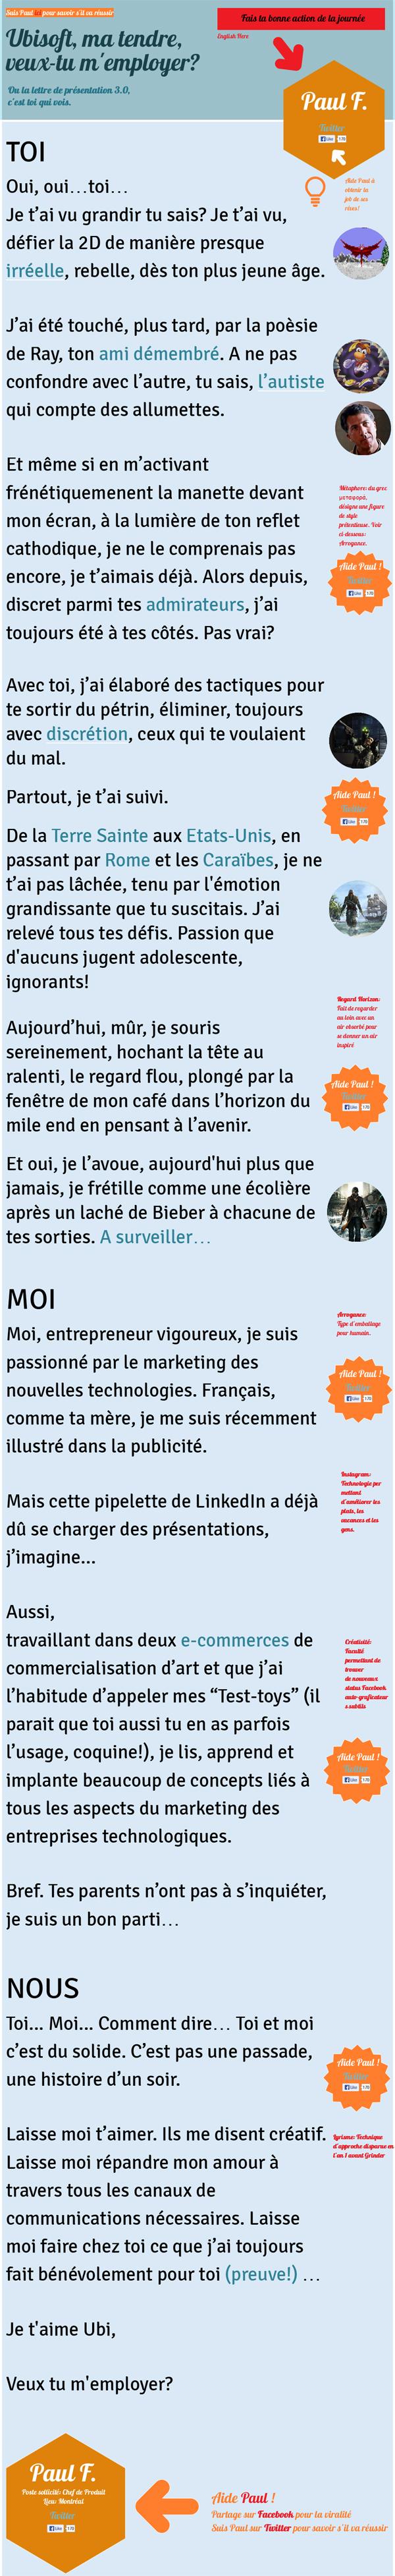 Moi Nous Vous Lettre De Motivation Cv Ubisoft Paul Feraud Lettre Motivation Original